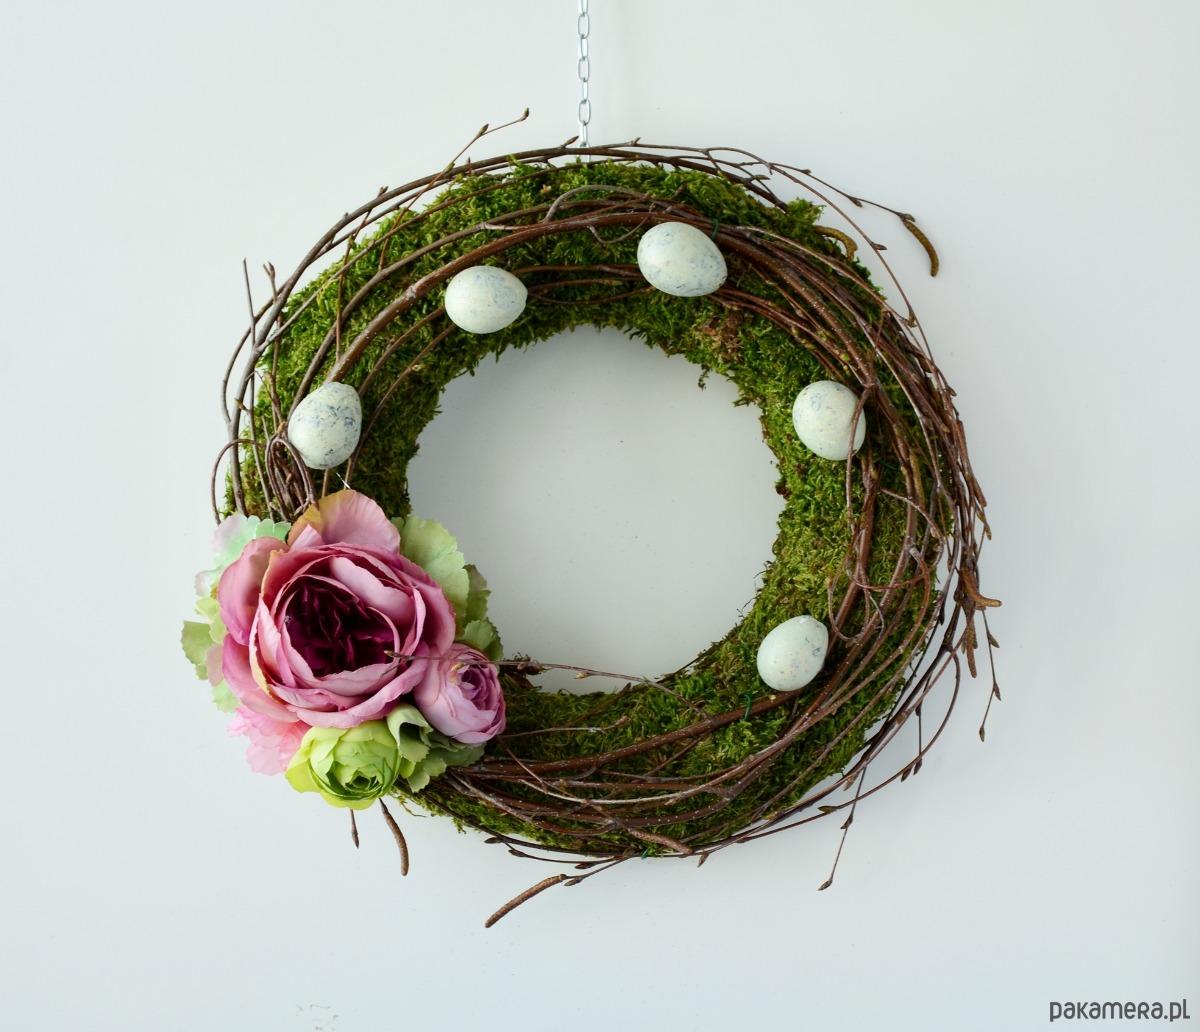 Wianek Wielkanocny Z Mchu Wielkanoc Wianki Pakamerapl